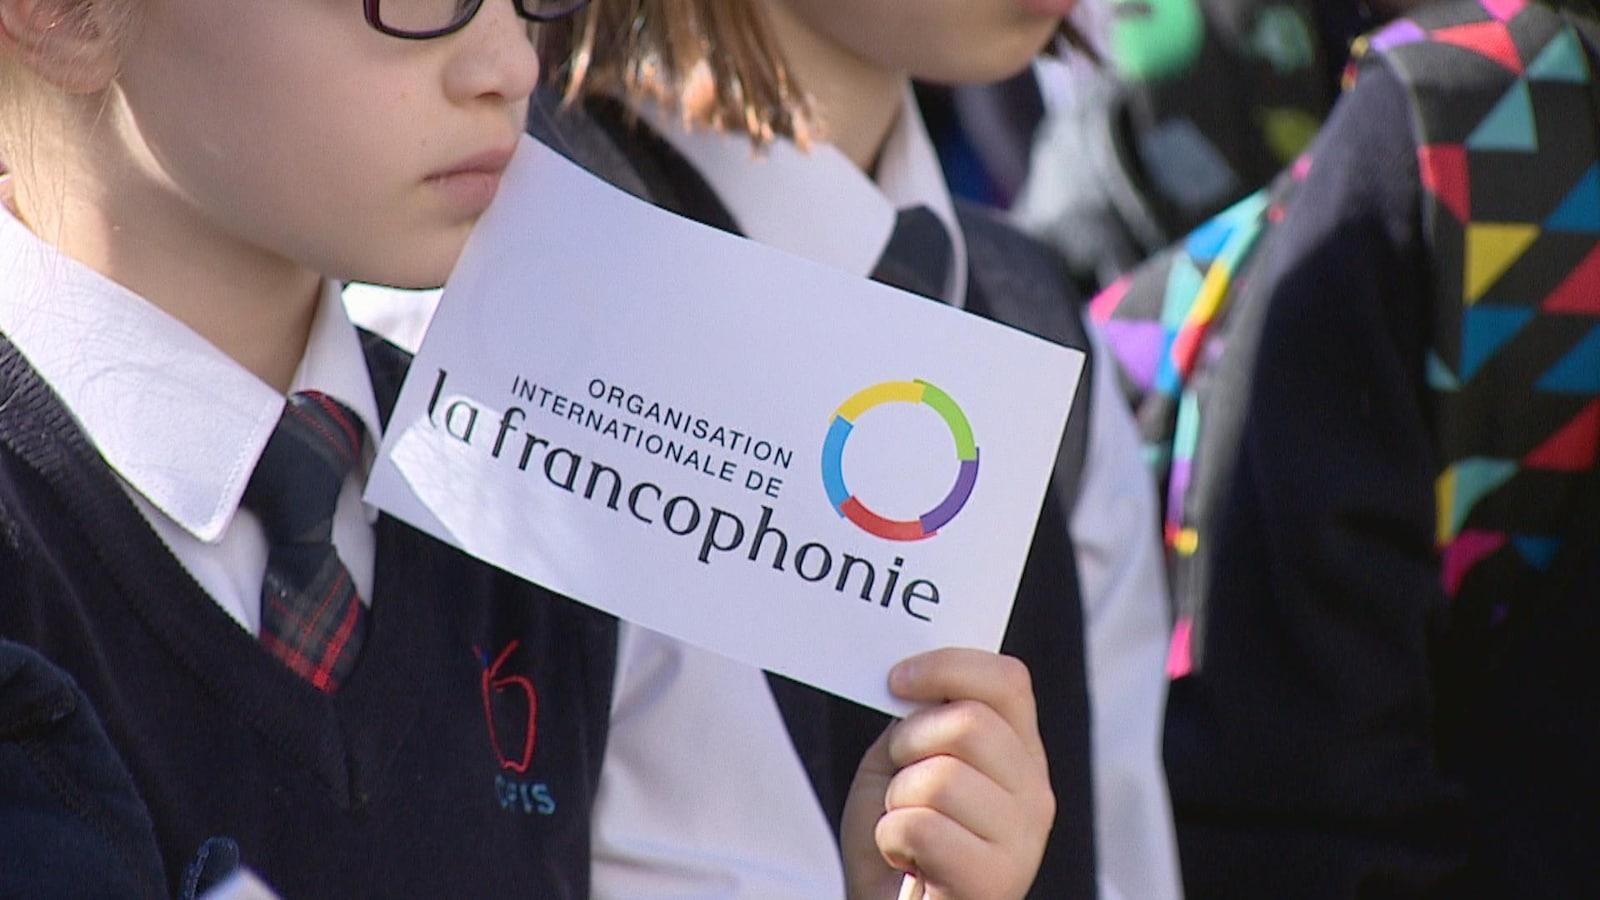 Vue sur une jeune fille qui porte des lunettes. Elle tient dans ses mains un drapeau où il est écrit: organisation internationale de la francophonie.